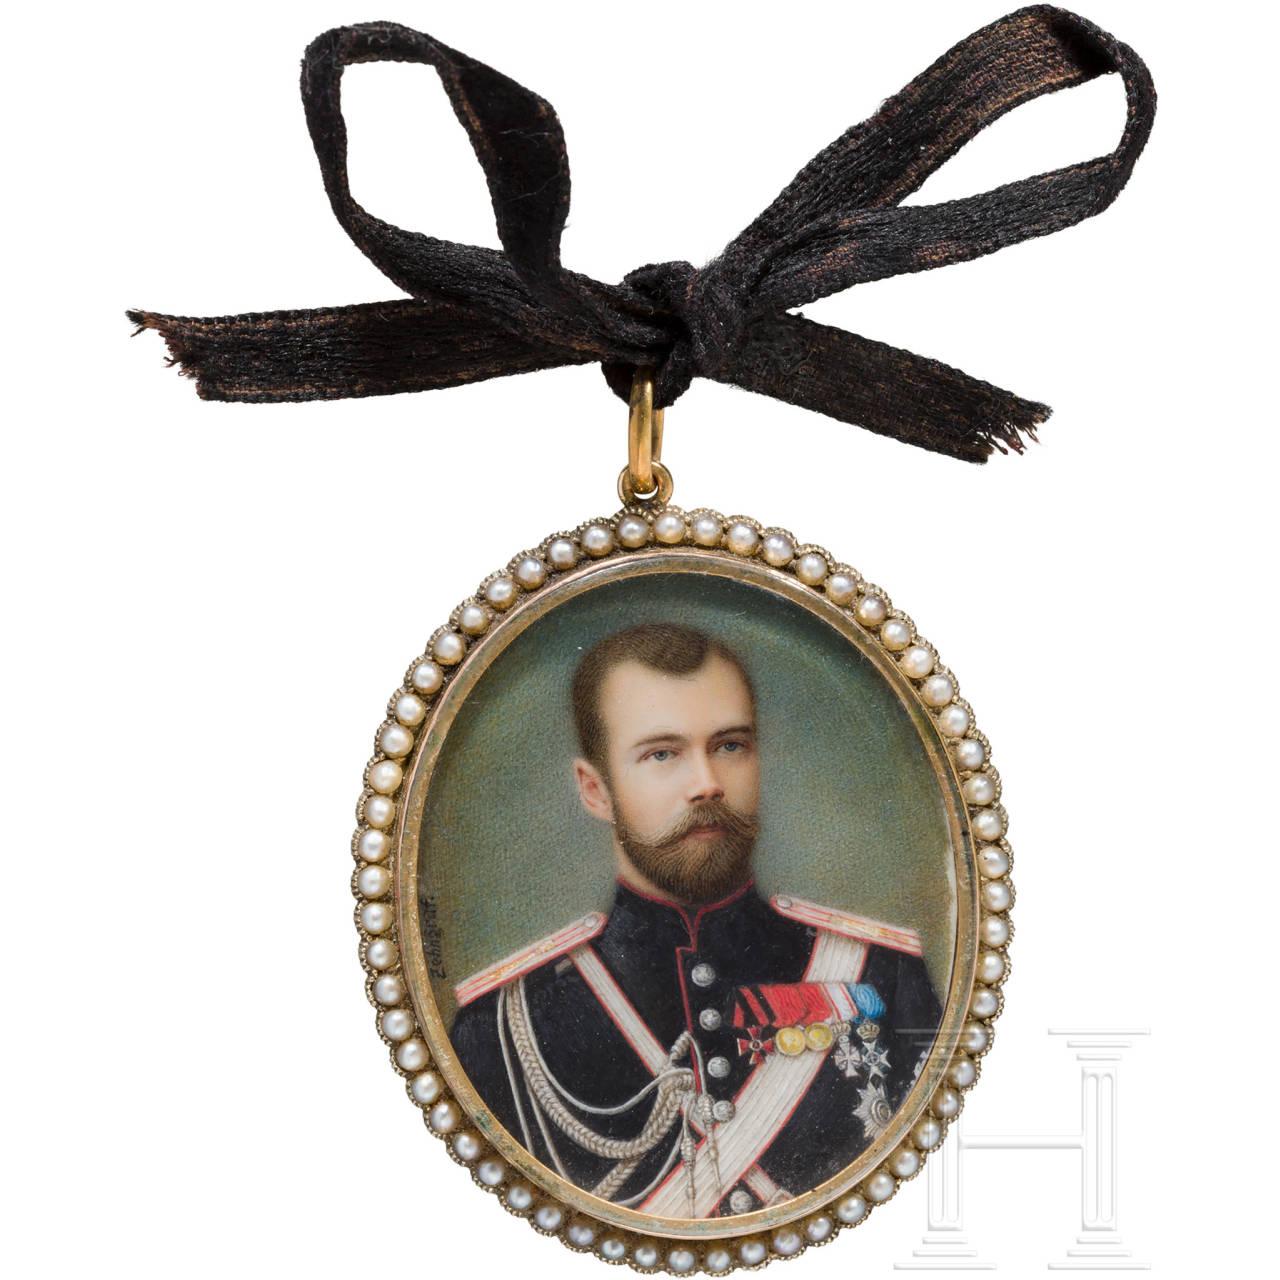 Persönliches Geschenk des Zaren Nikolaus II. - eigenes Portrait, Miniatur auf Elfenbein in goldenem Rahmen, möglicherweise Fabergé, Miniaturmaler Johannes Zehngraf, Russland, datiert 1898